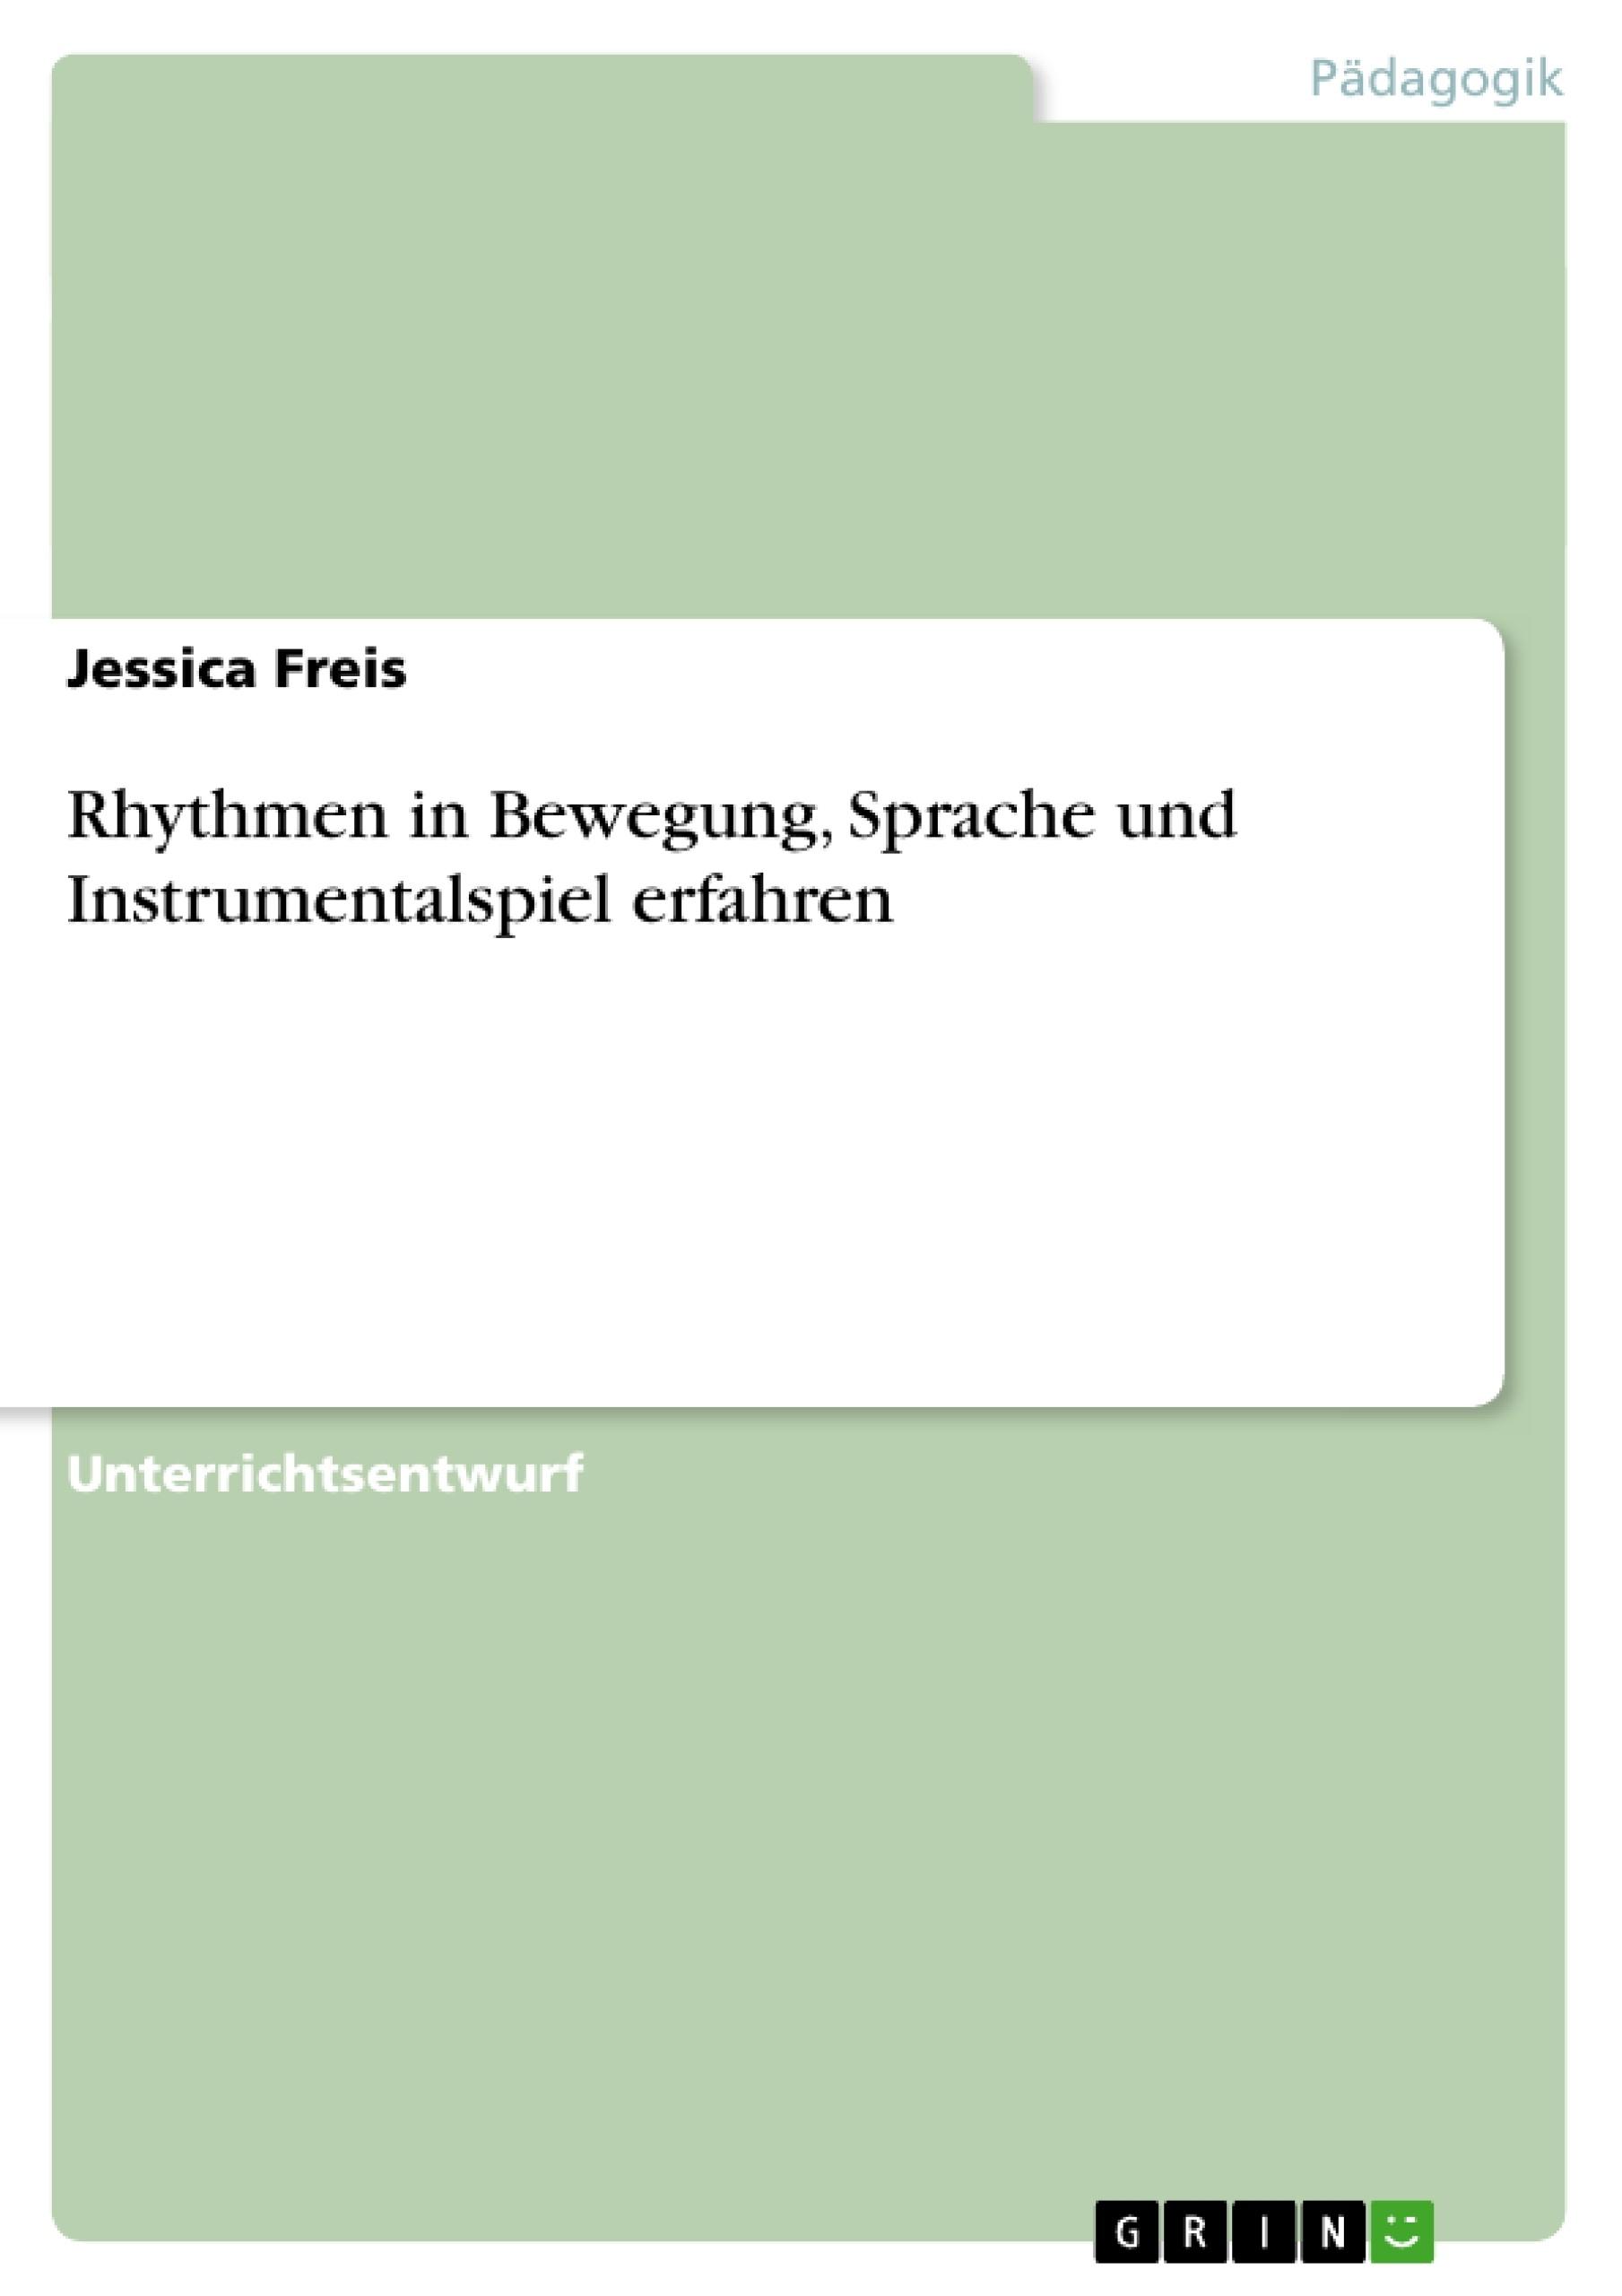 Titel: Rhythmen in Bewegung, Sprache und Instrumentalspiel erfahren